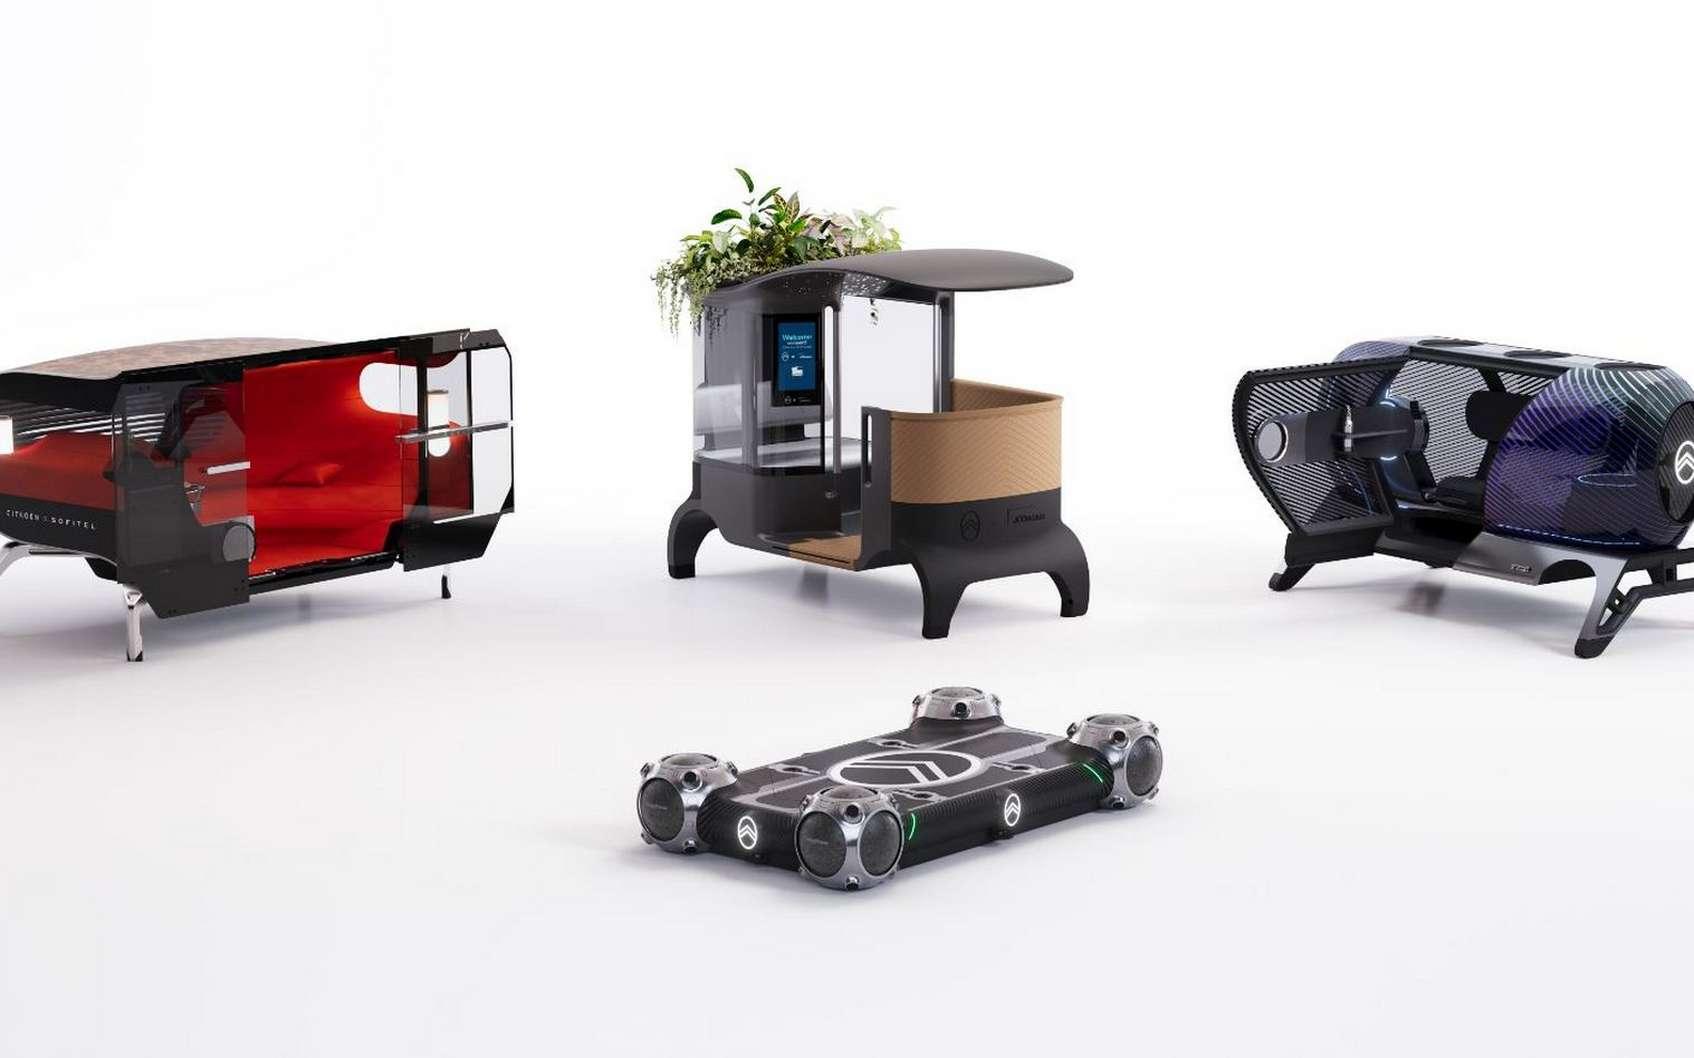 Le concept Citroën Skate est totalement modulaire. © Citroën